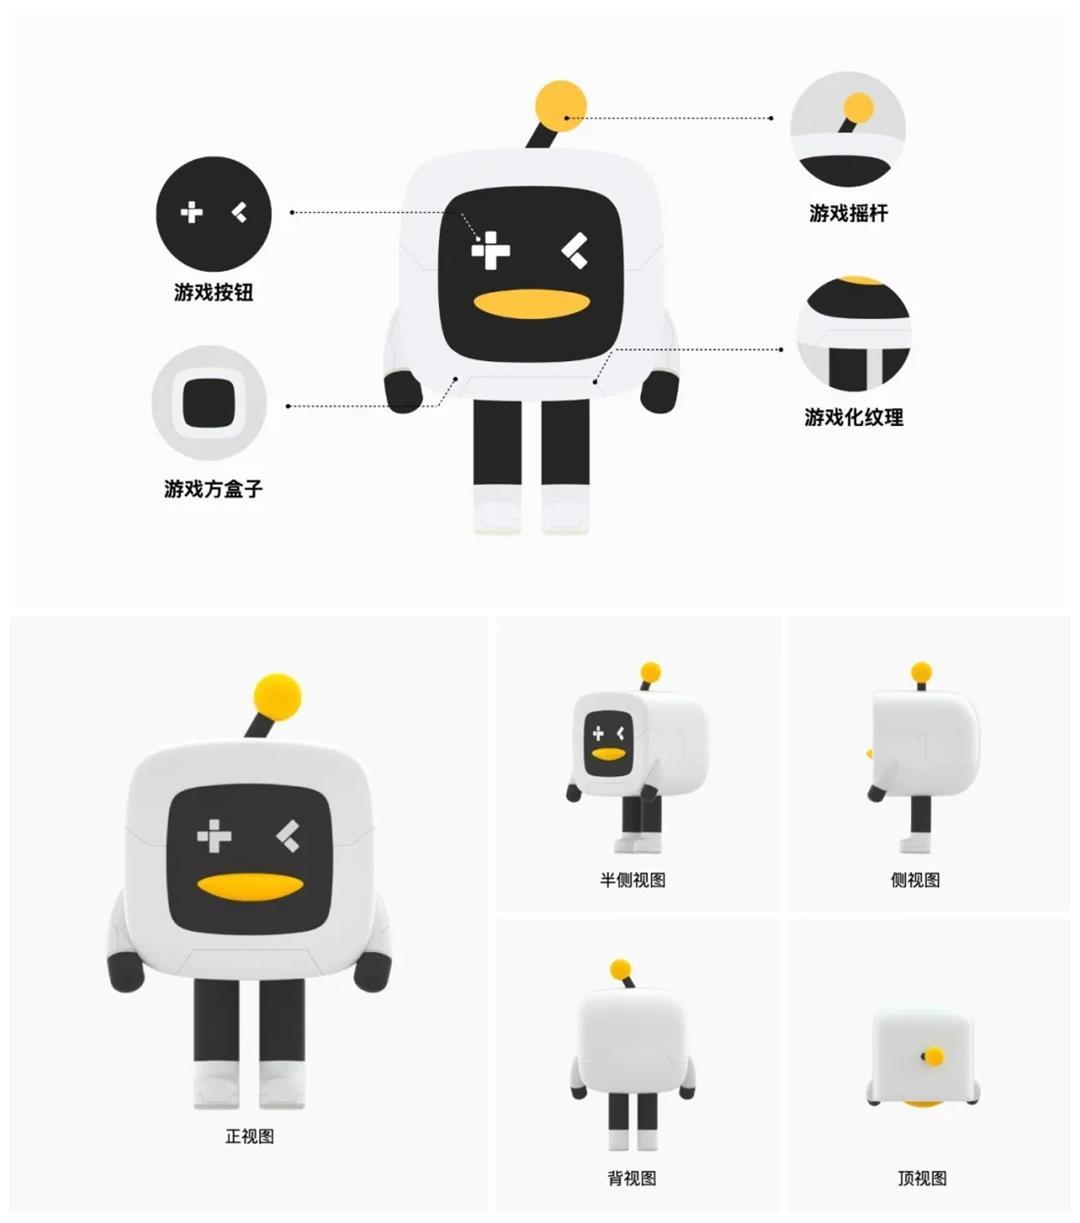 如何从零开始设计一款IP形象?来看企鹅电竞的实战案例复盘!